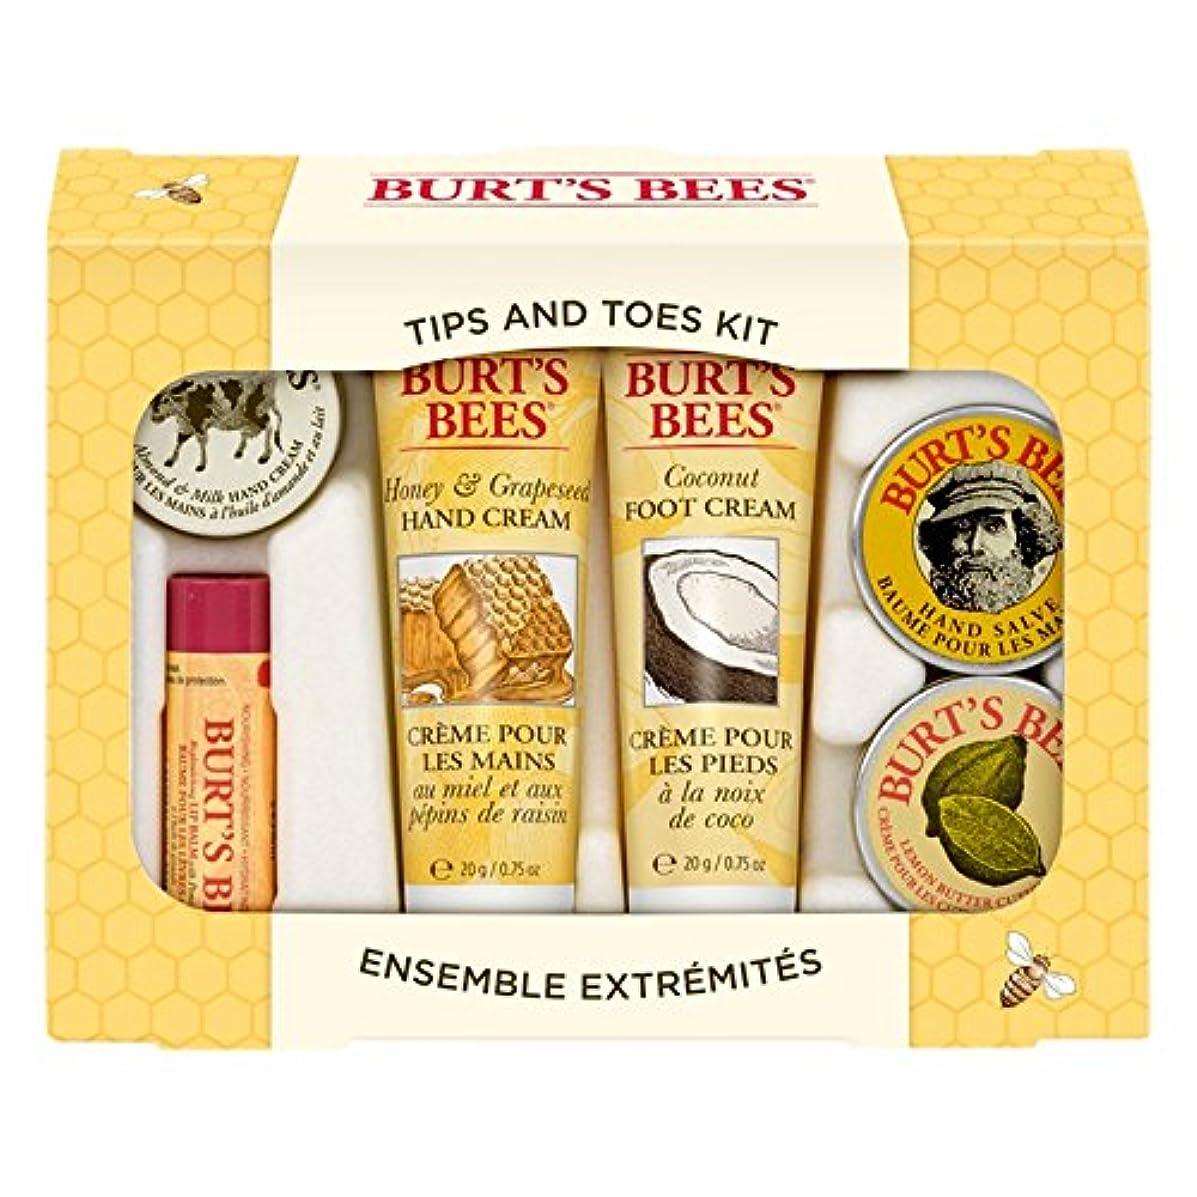 お父さん優先シプリーバーツビーのヒントとつま先はスターターキットをスキンケア (Burt's Bees) - Burt's Bees Tips And Toes Skincare Starter Kit [並行輸入品]